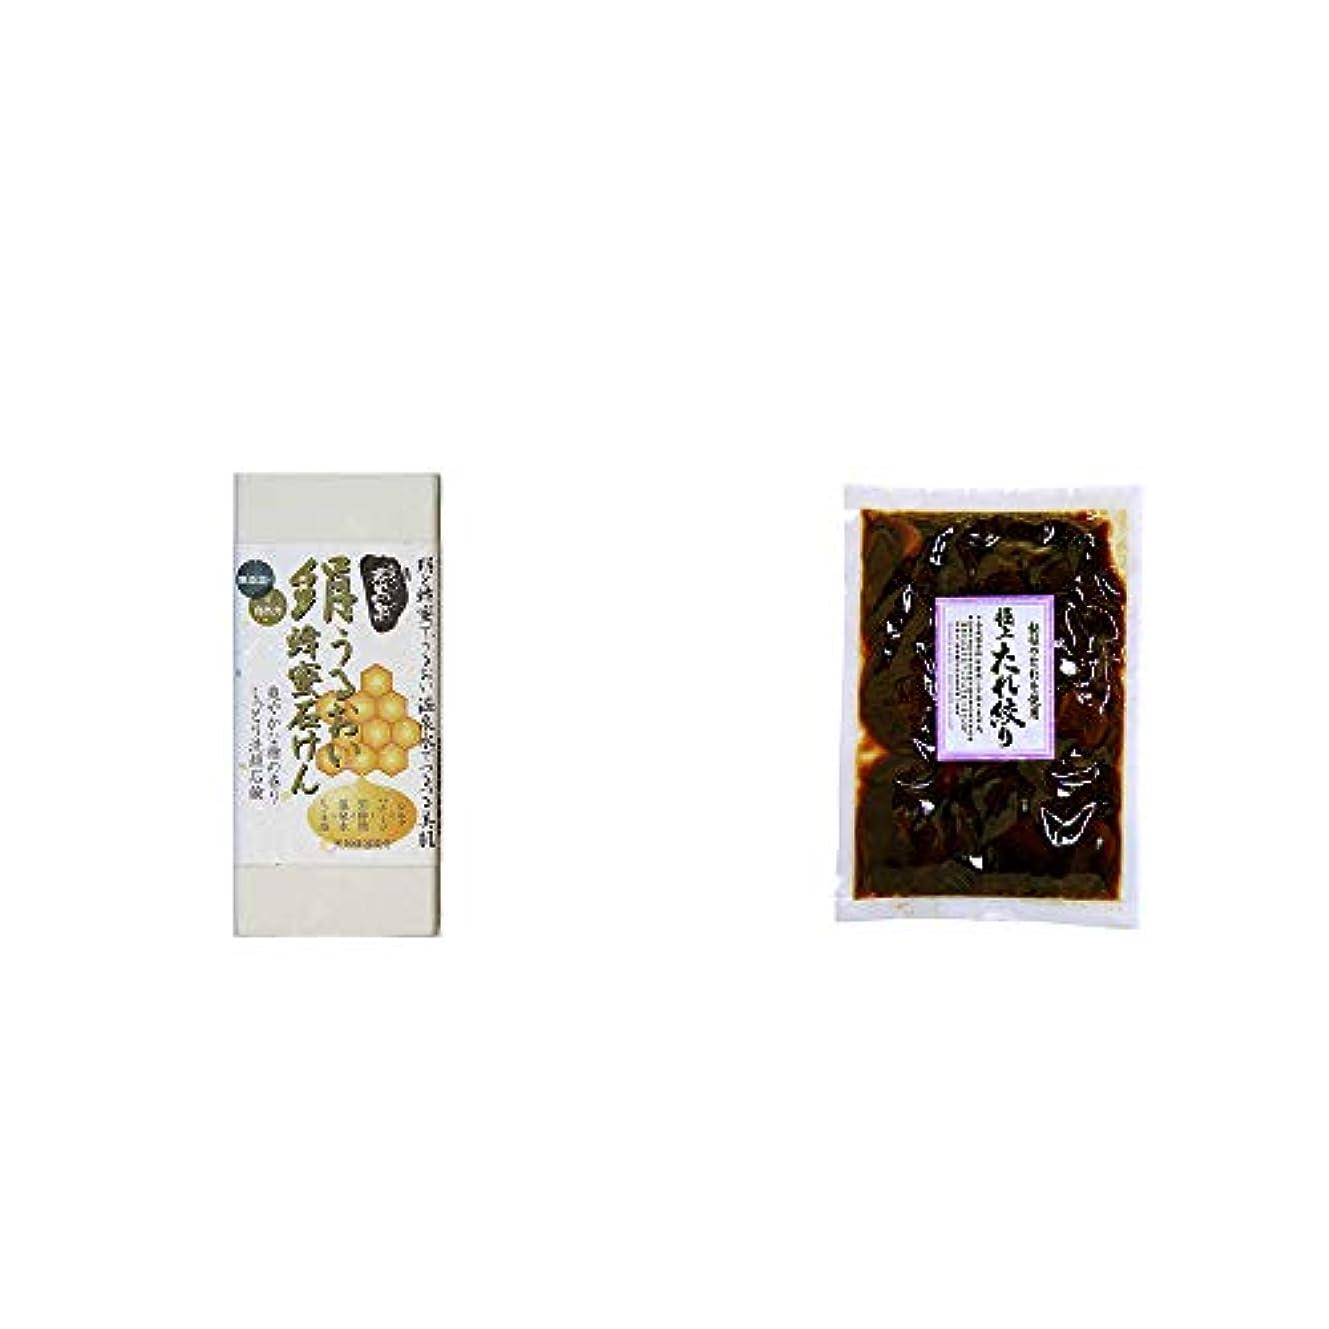 編集者繁雑セレナ[2点セット] ひのき炭黒泉 絹うるおい蜂蜜石けん(75g×2)?国産 極上たれ絞り(250g)